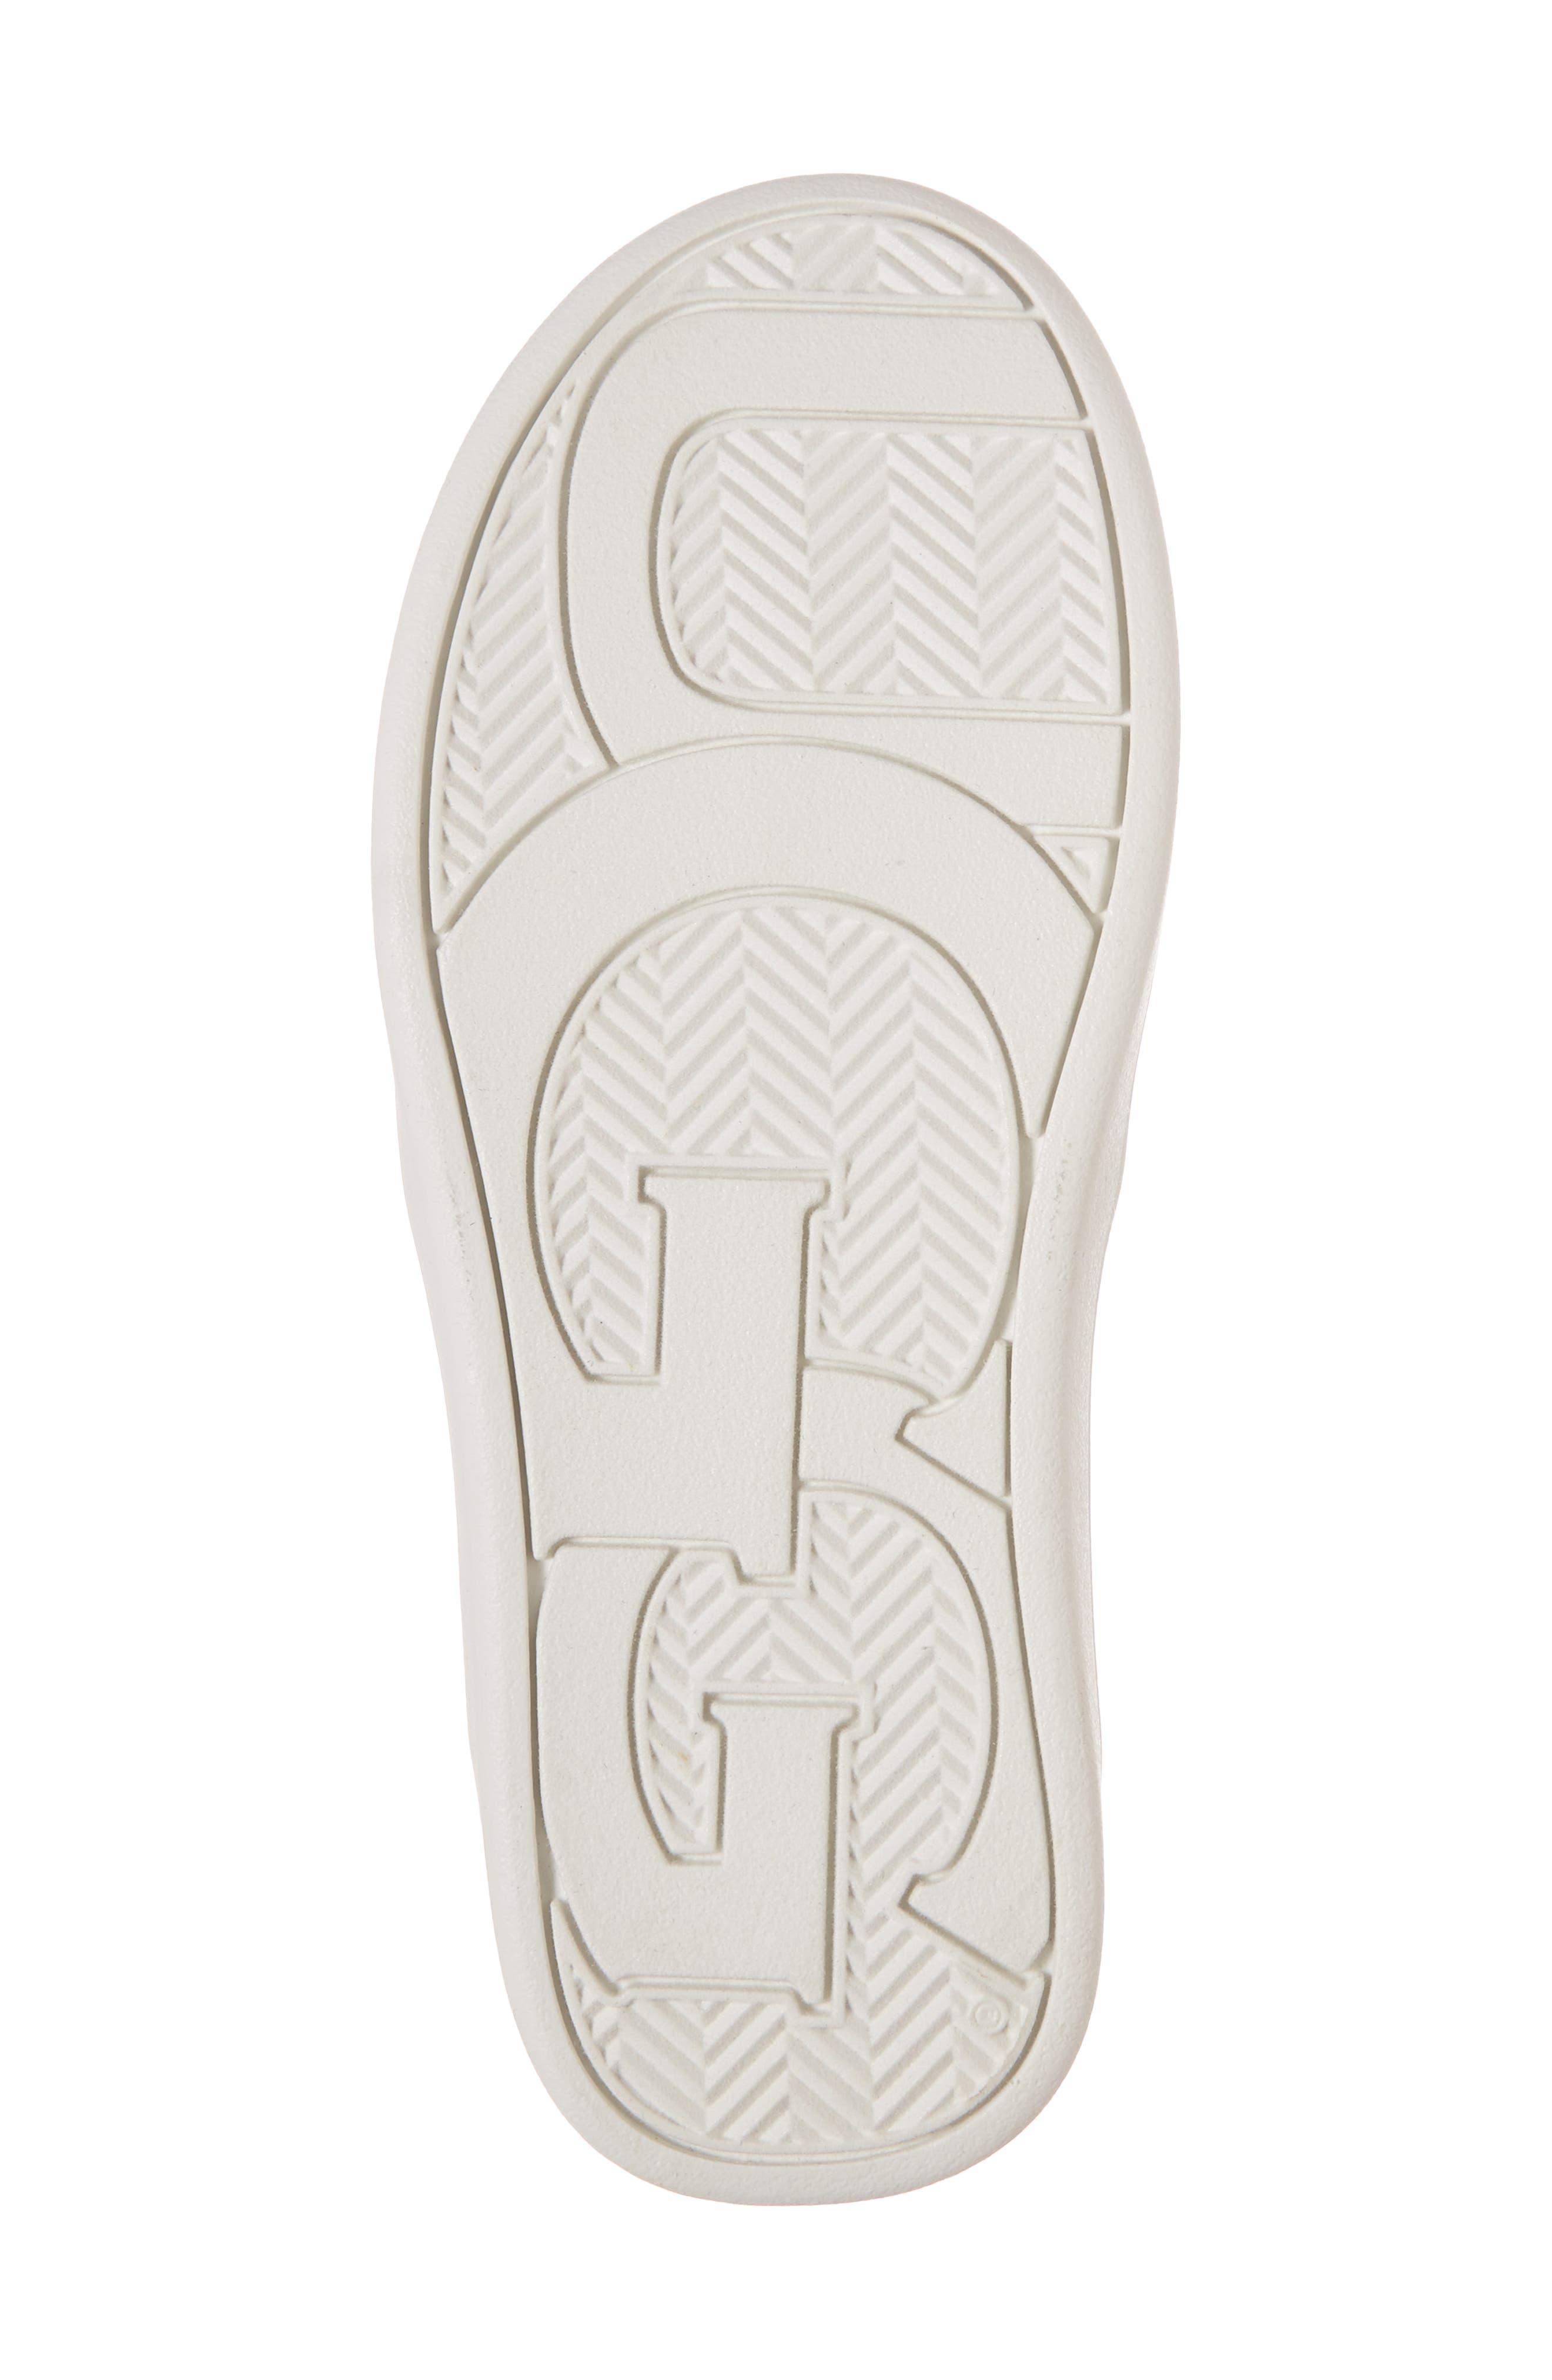 Gantry Sparkles Slip-On Sneaker,                             Alternate thumbnail 6, color,                             SILVER